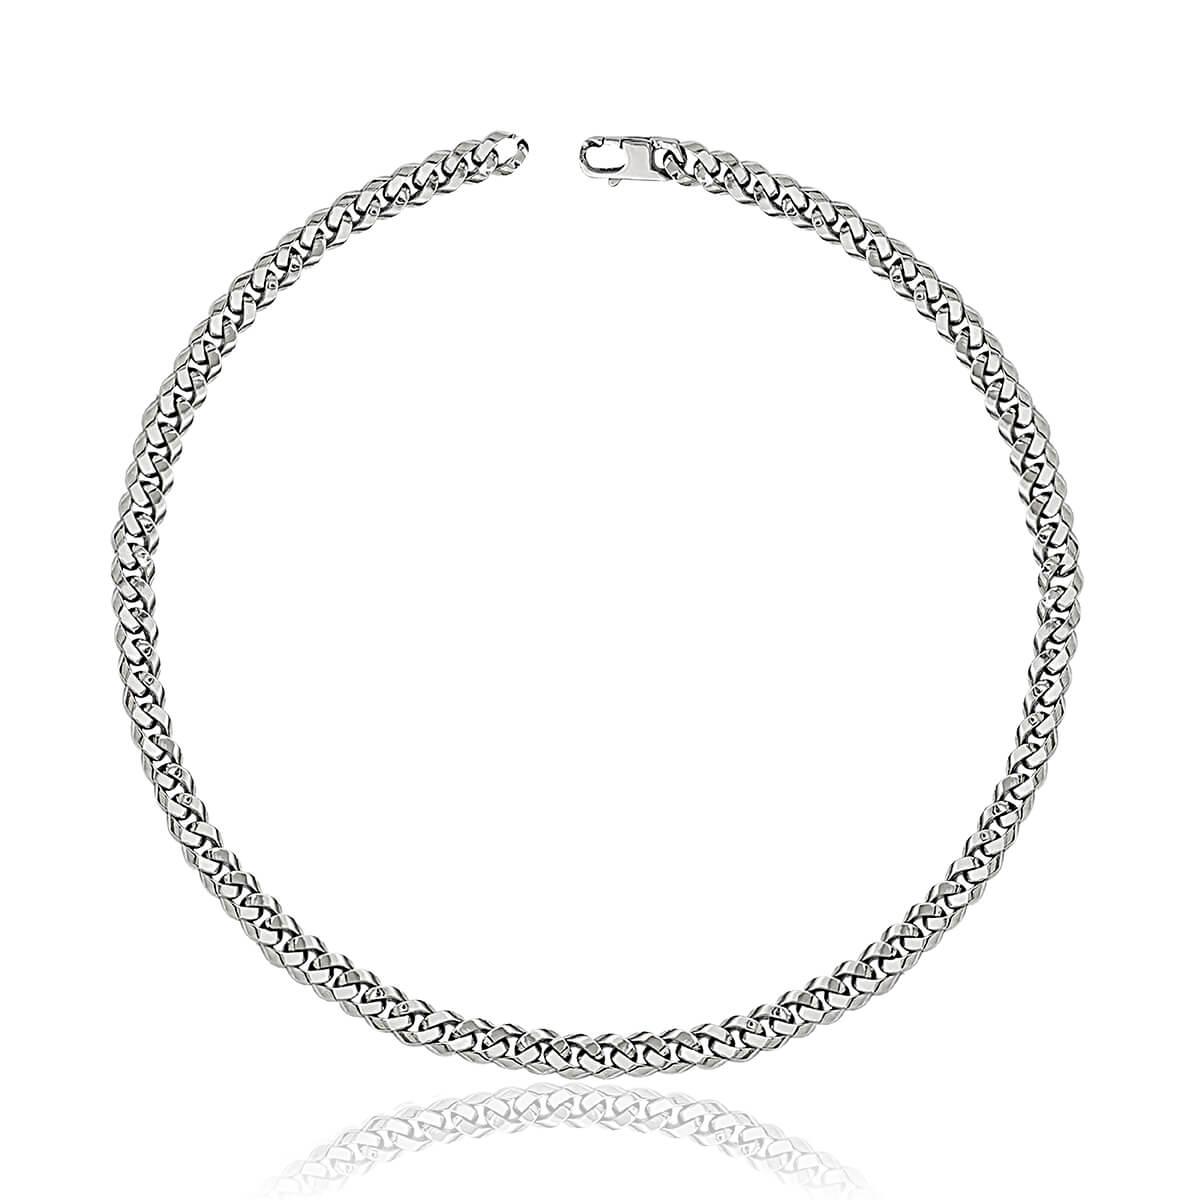 Monaco Chain Necklace